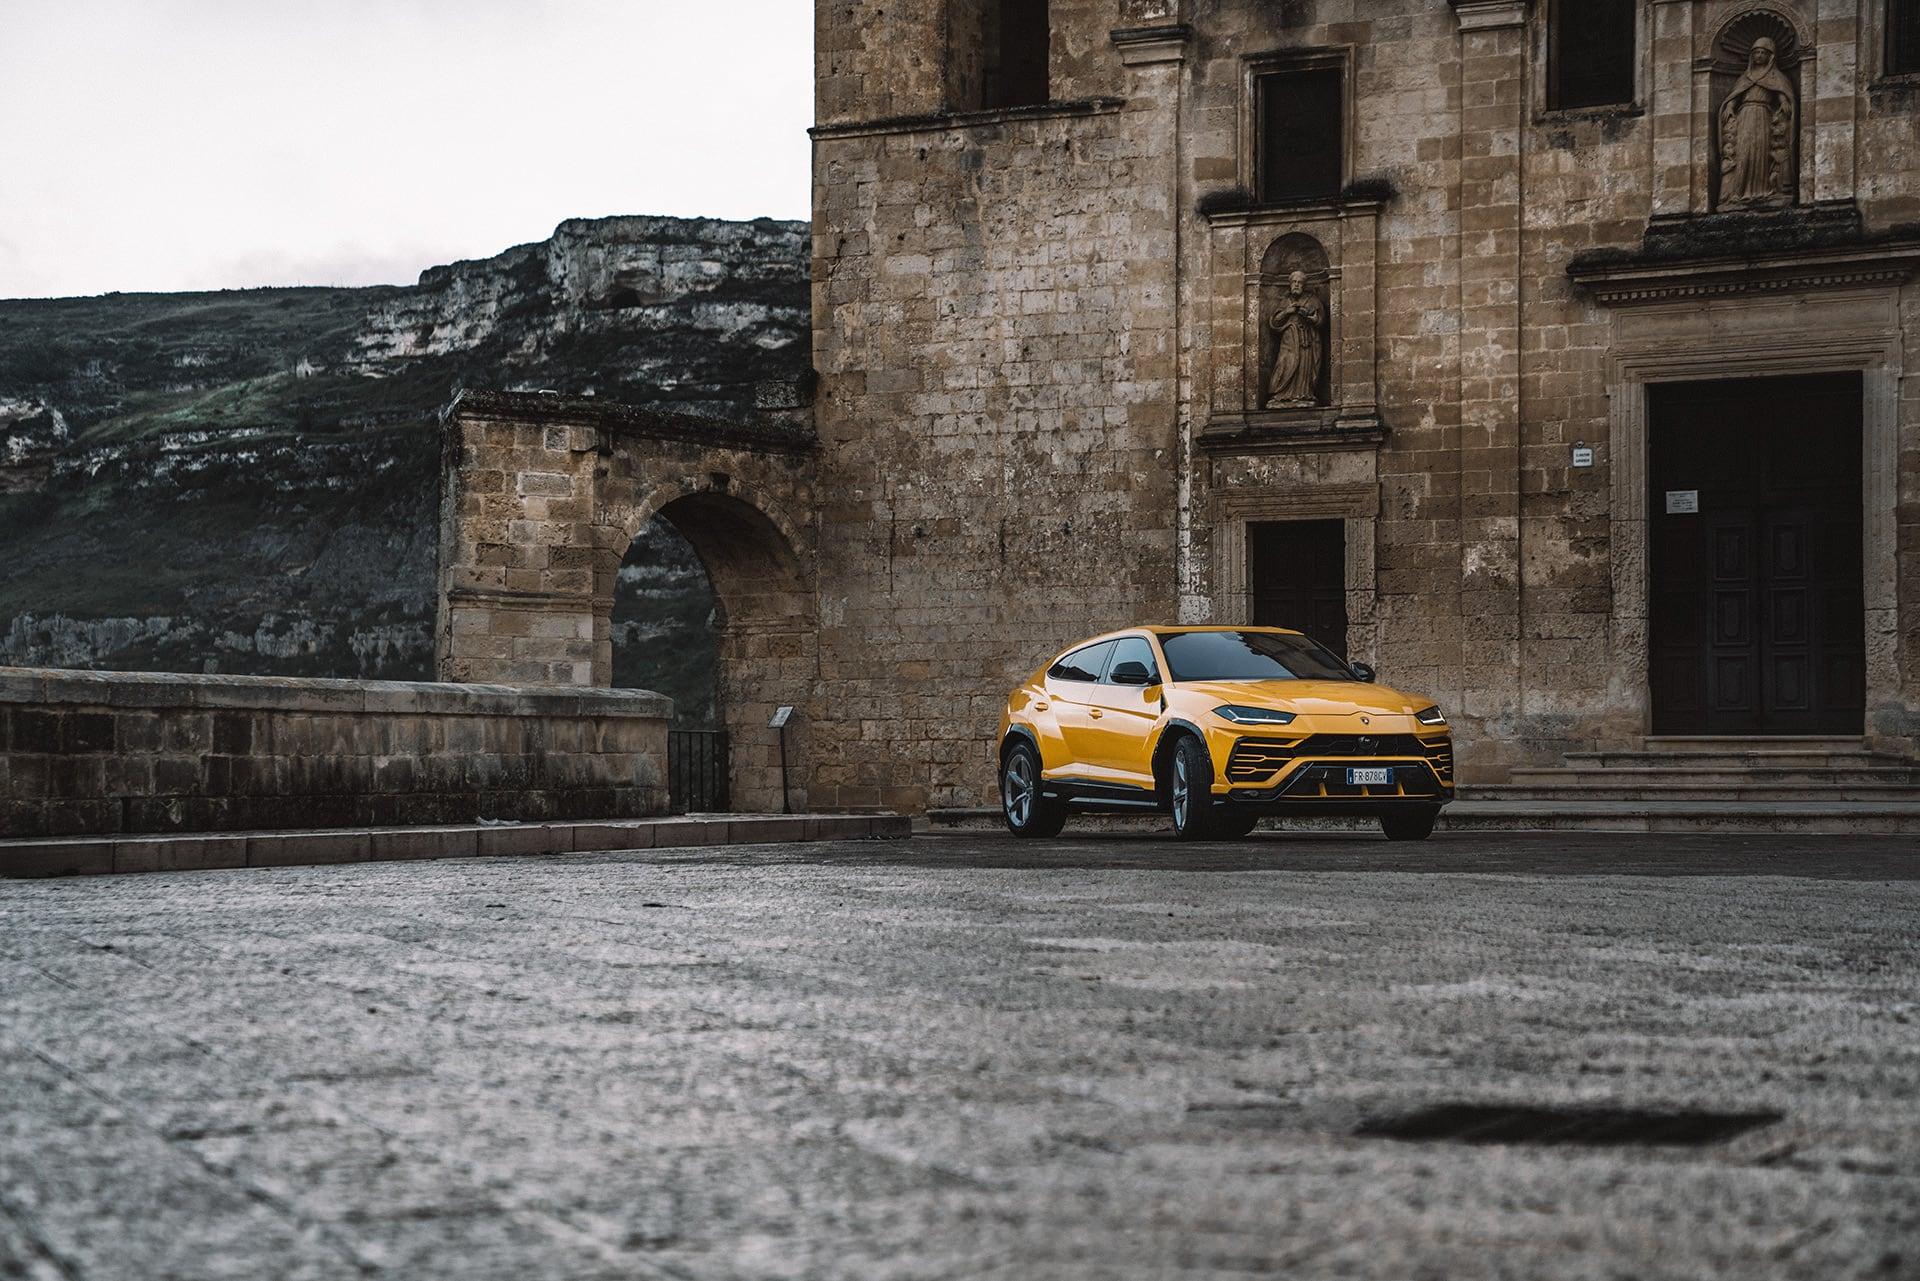 Mit dem Lamborghini Urus durch die wiederentdeckte Stadt Matera 5